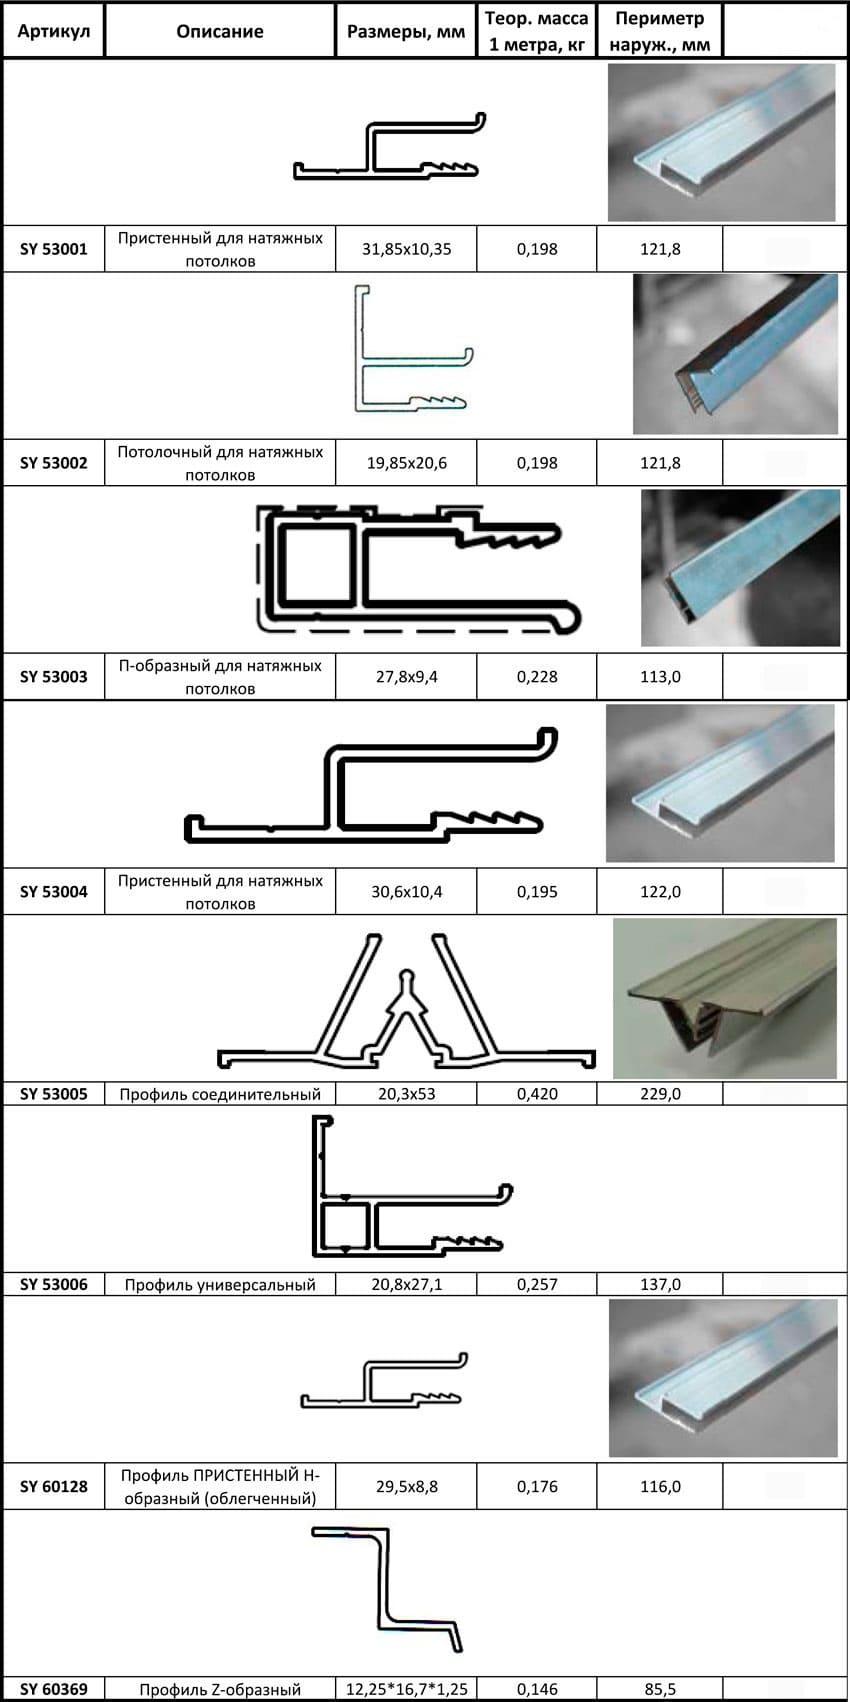 Натяжные потолки - разновидности, фото, цены, особенности 46